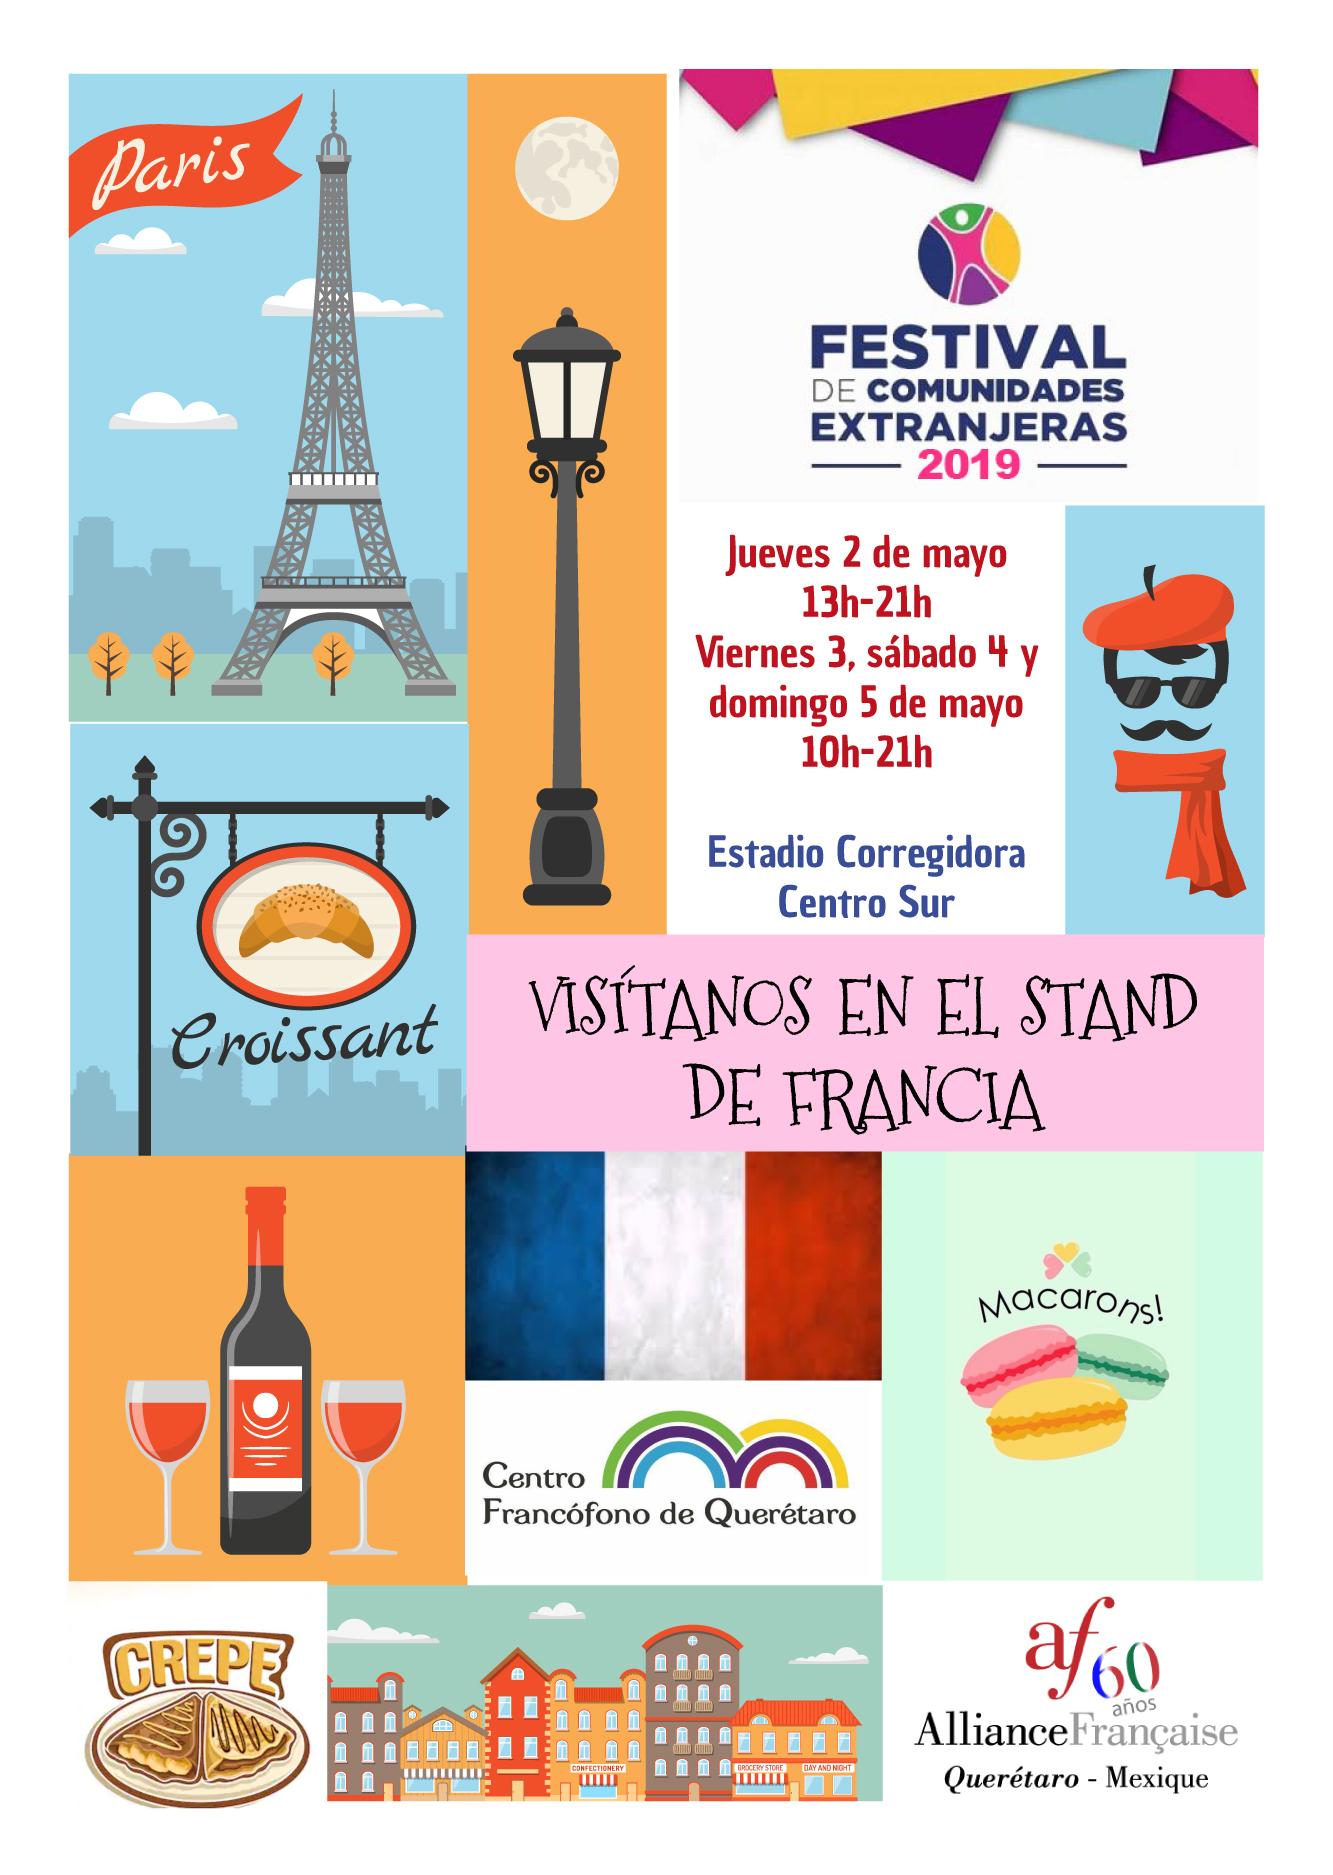 FESTIVAL DE LAS COMUNIDADES EXTRANJERAS